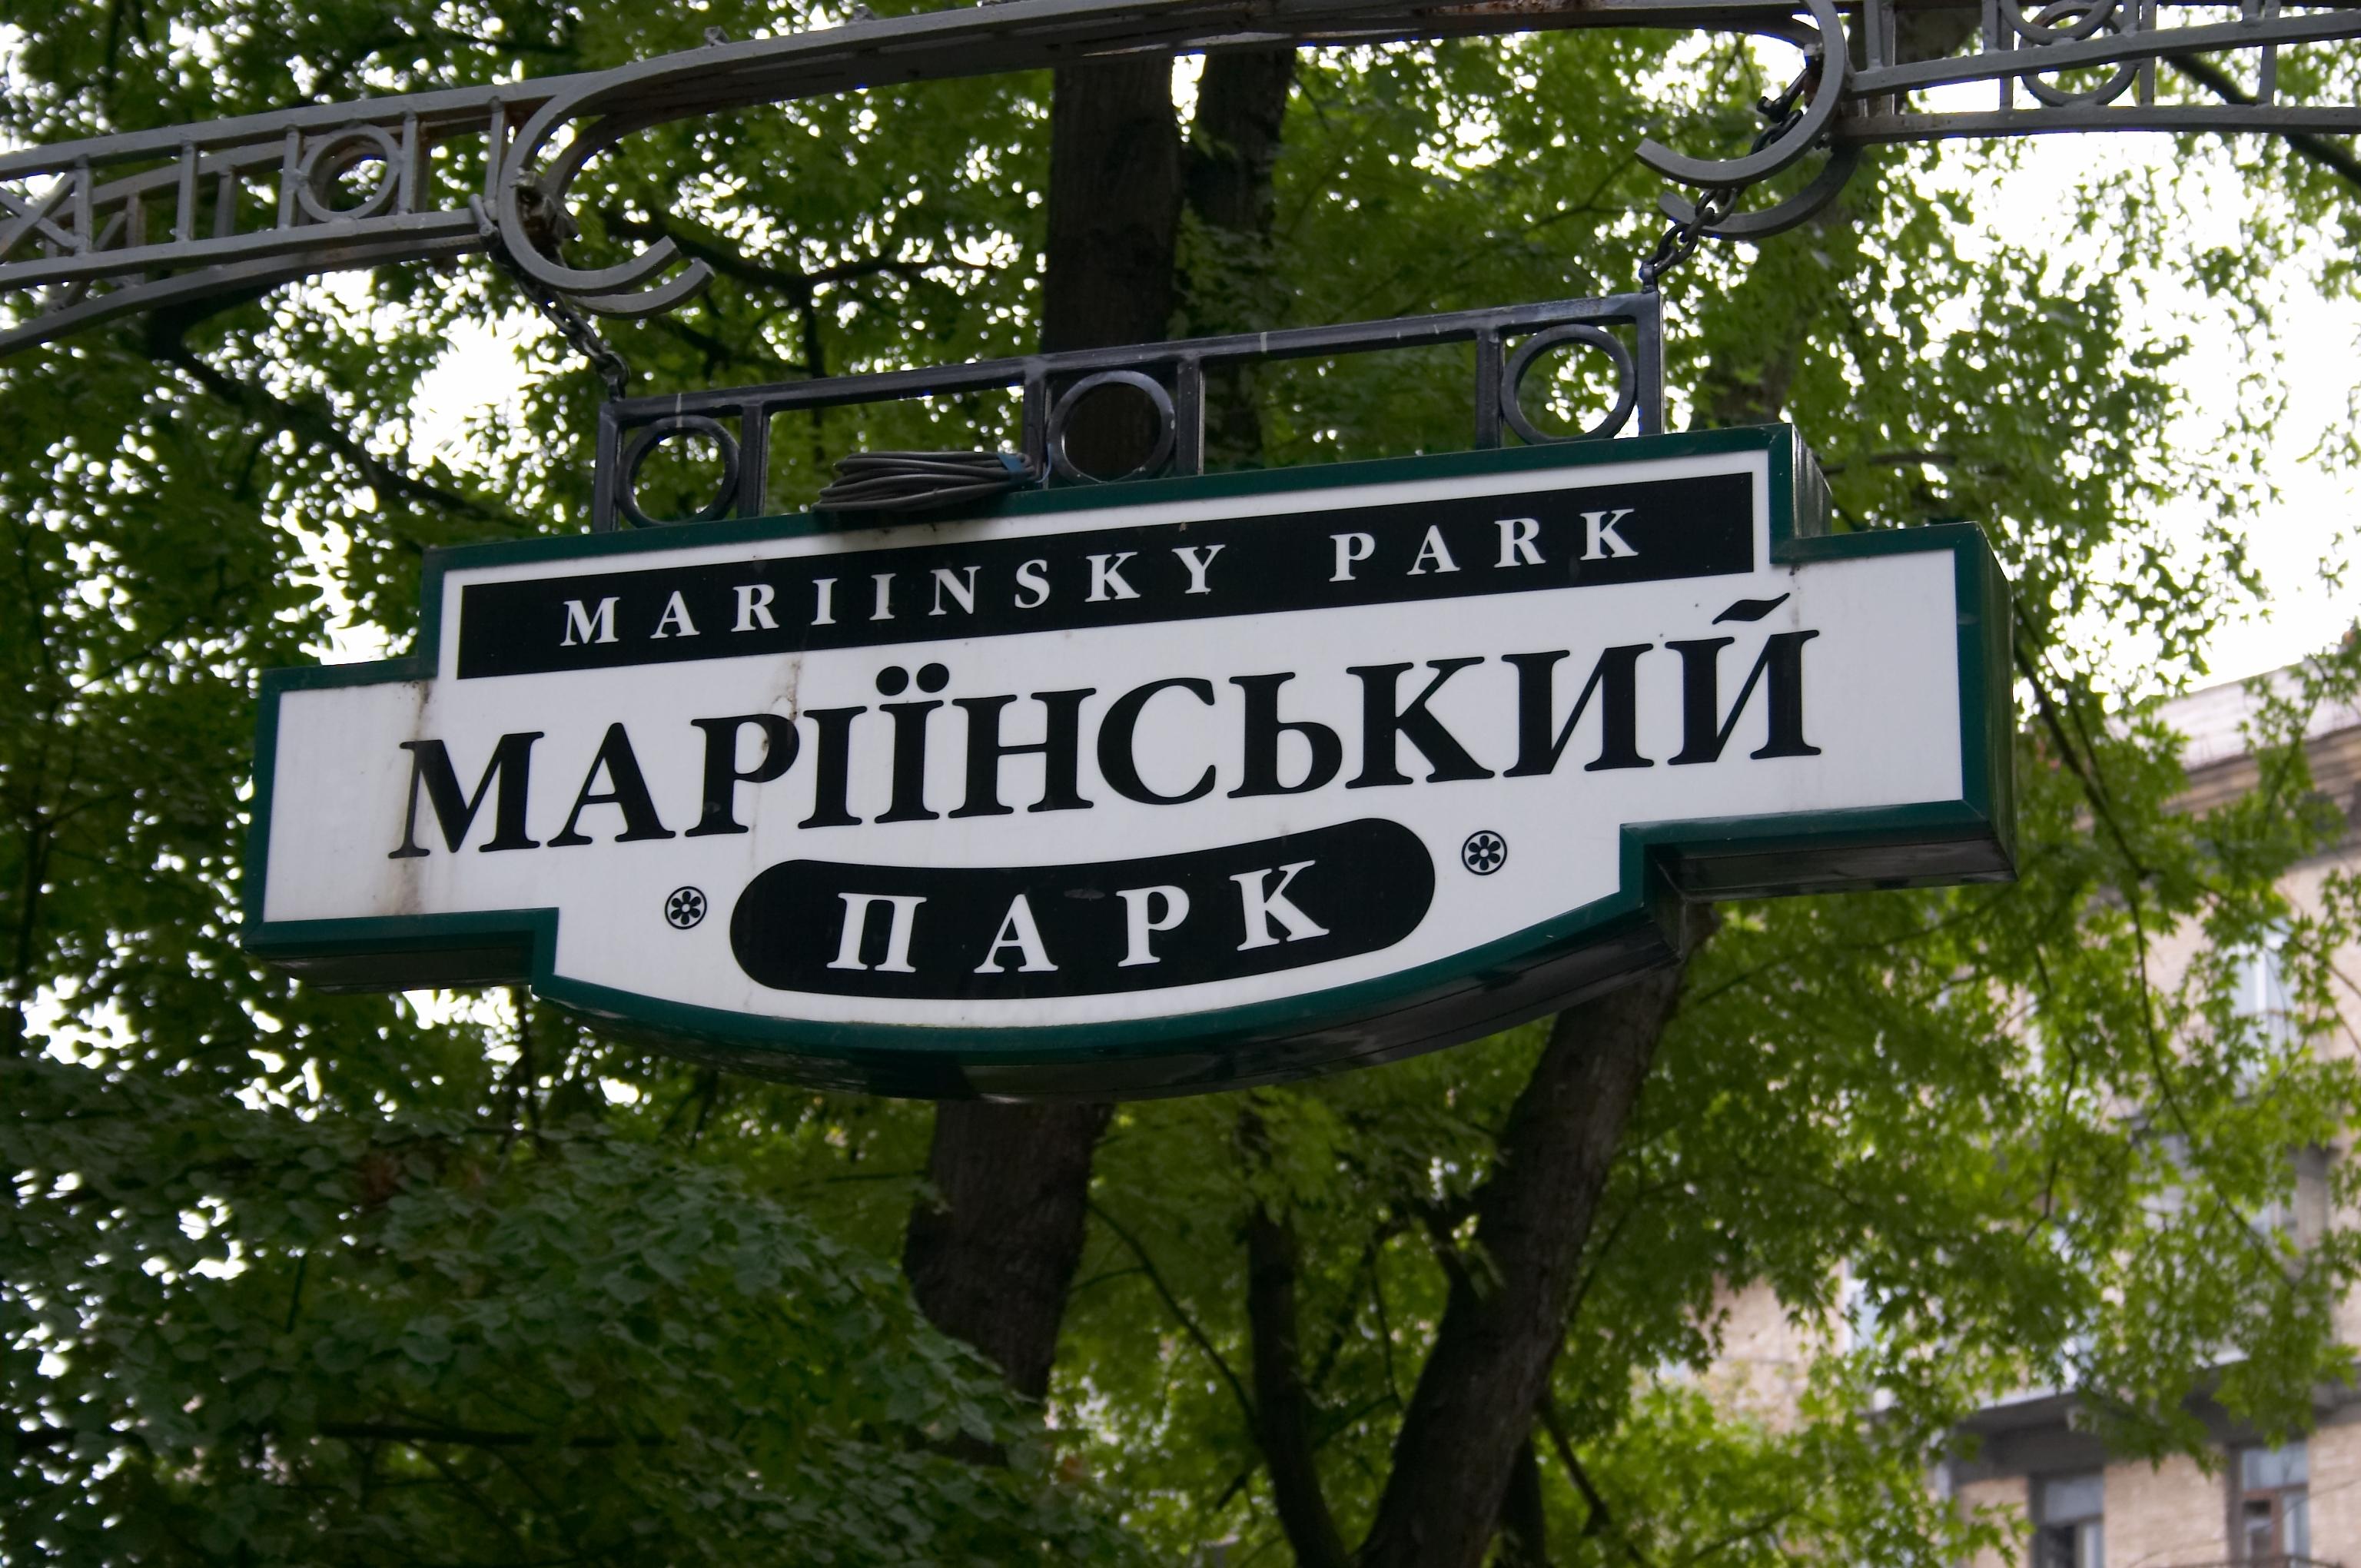 Массовые захоронения и кокаиновая роща: секреты киевского Мариинского парка.Вокруг Света. Украина